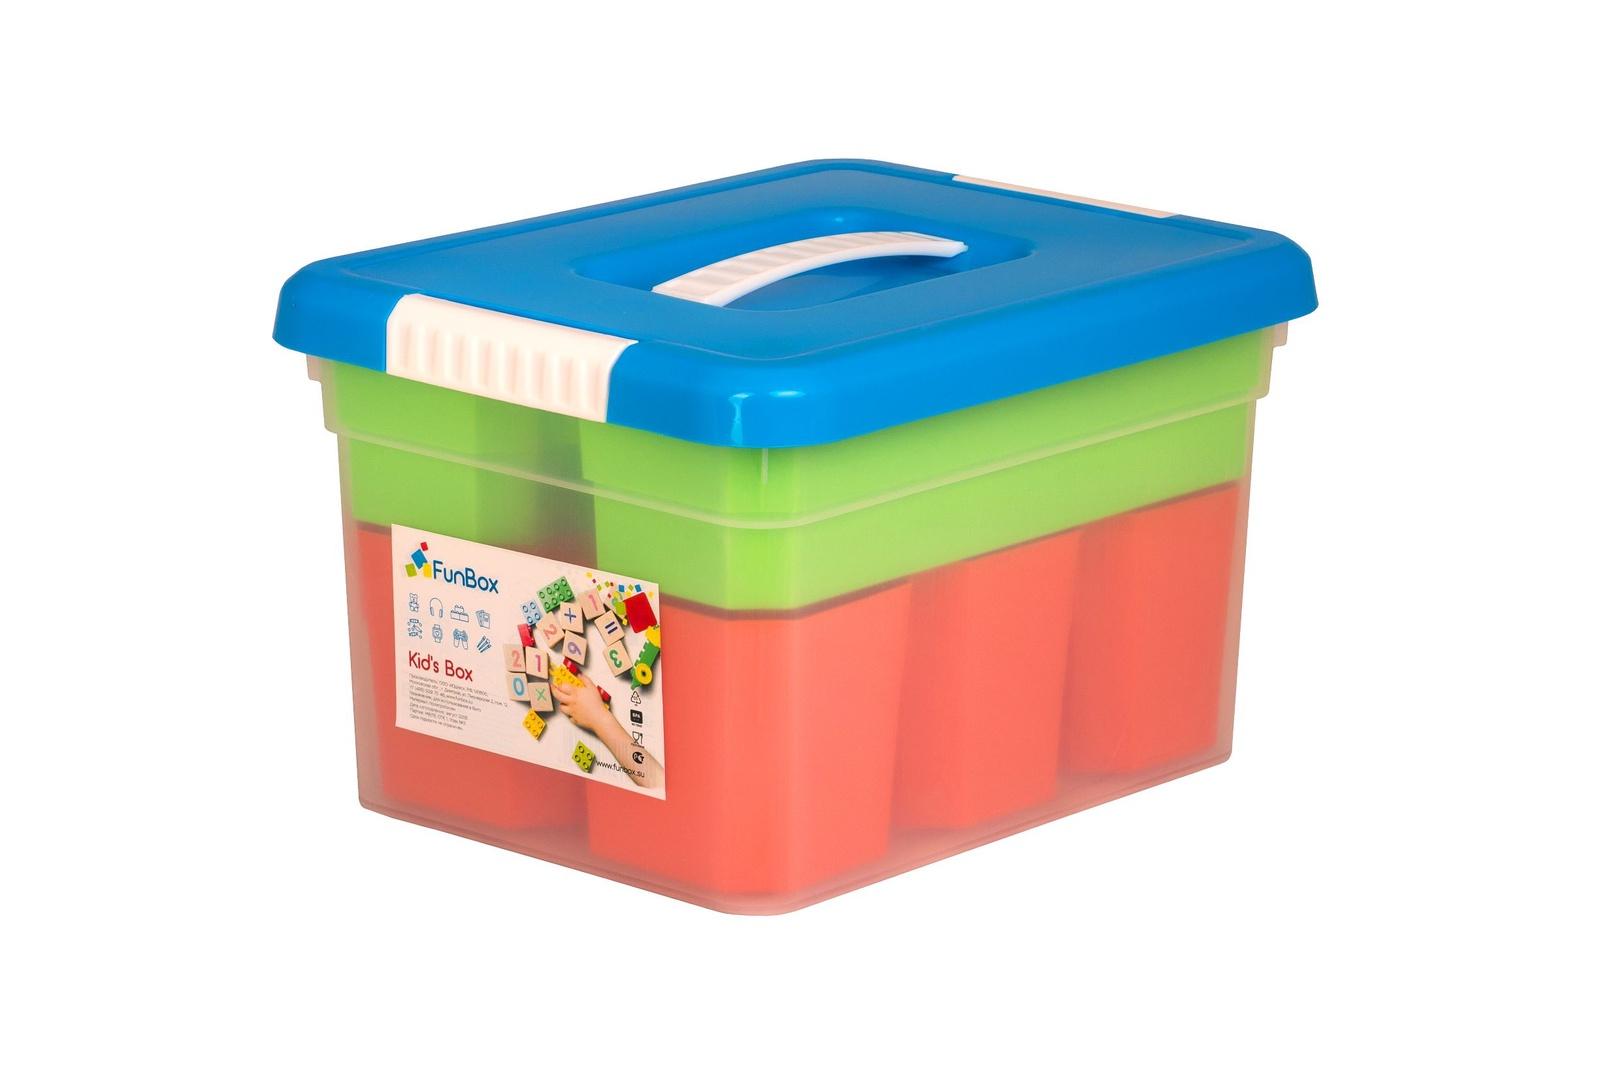 цены на Ящик для игрушек FunBox с ручкой 5л+6 вставок S + лоток S , FB5031, Полипропилен  в интернет-магазинах